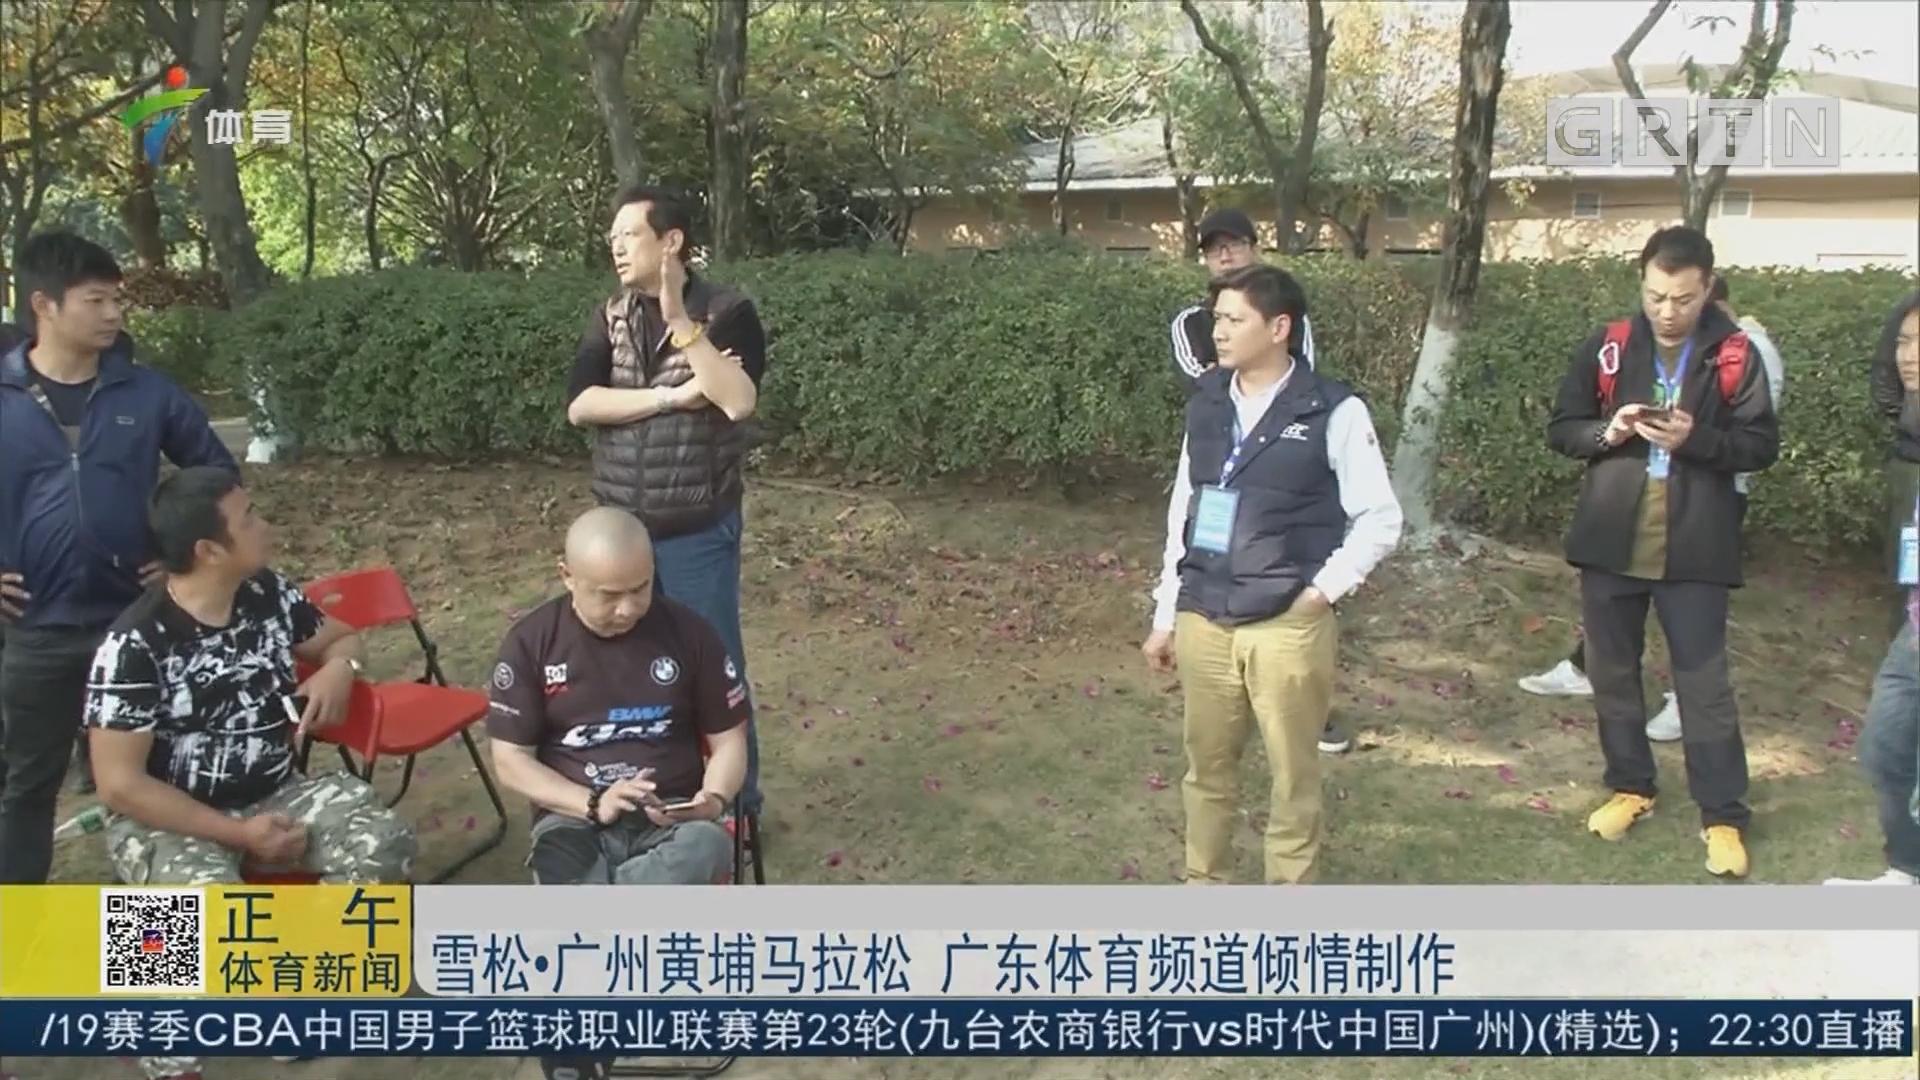 雪松·广州黄埔马拉松 广东体育频道倾情制作